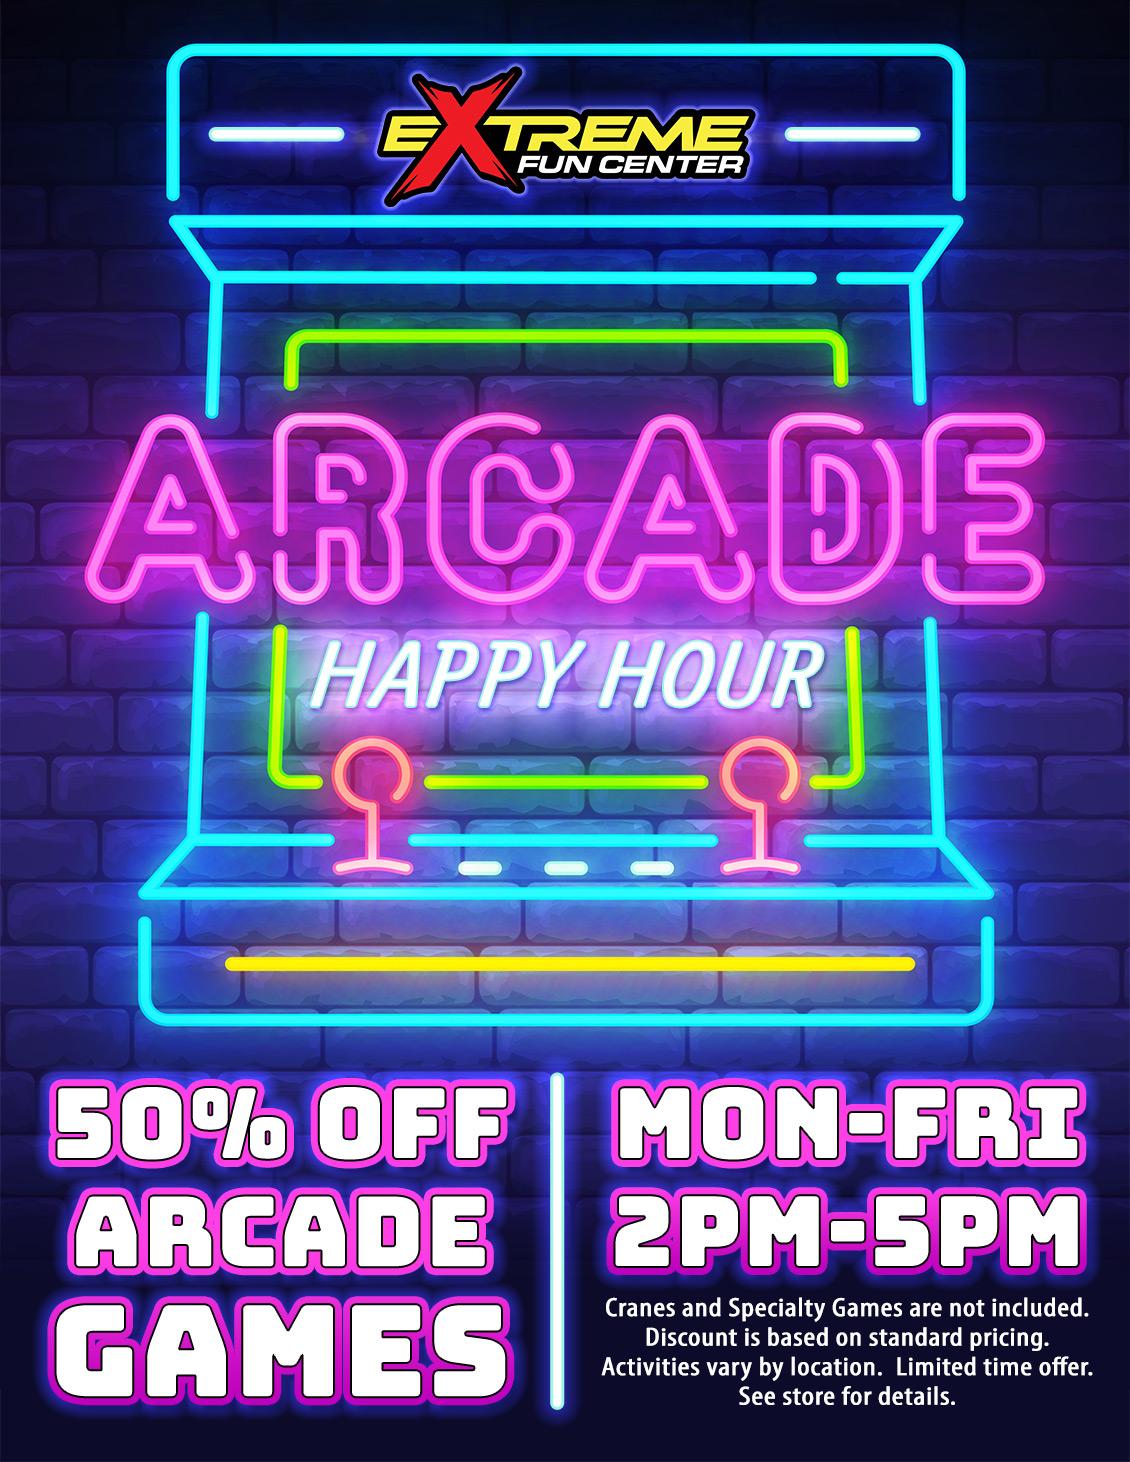 Arcade Happy Hour